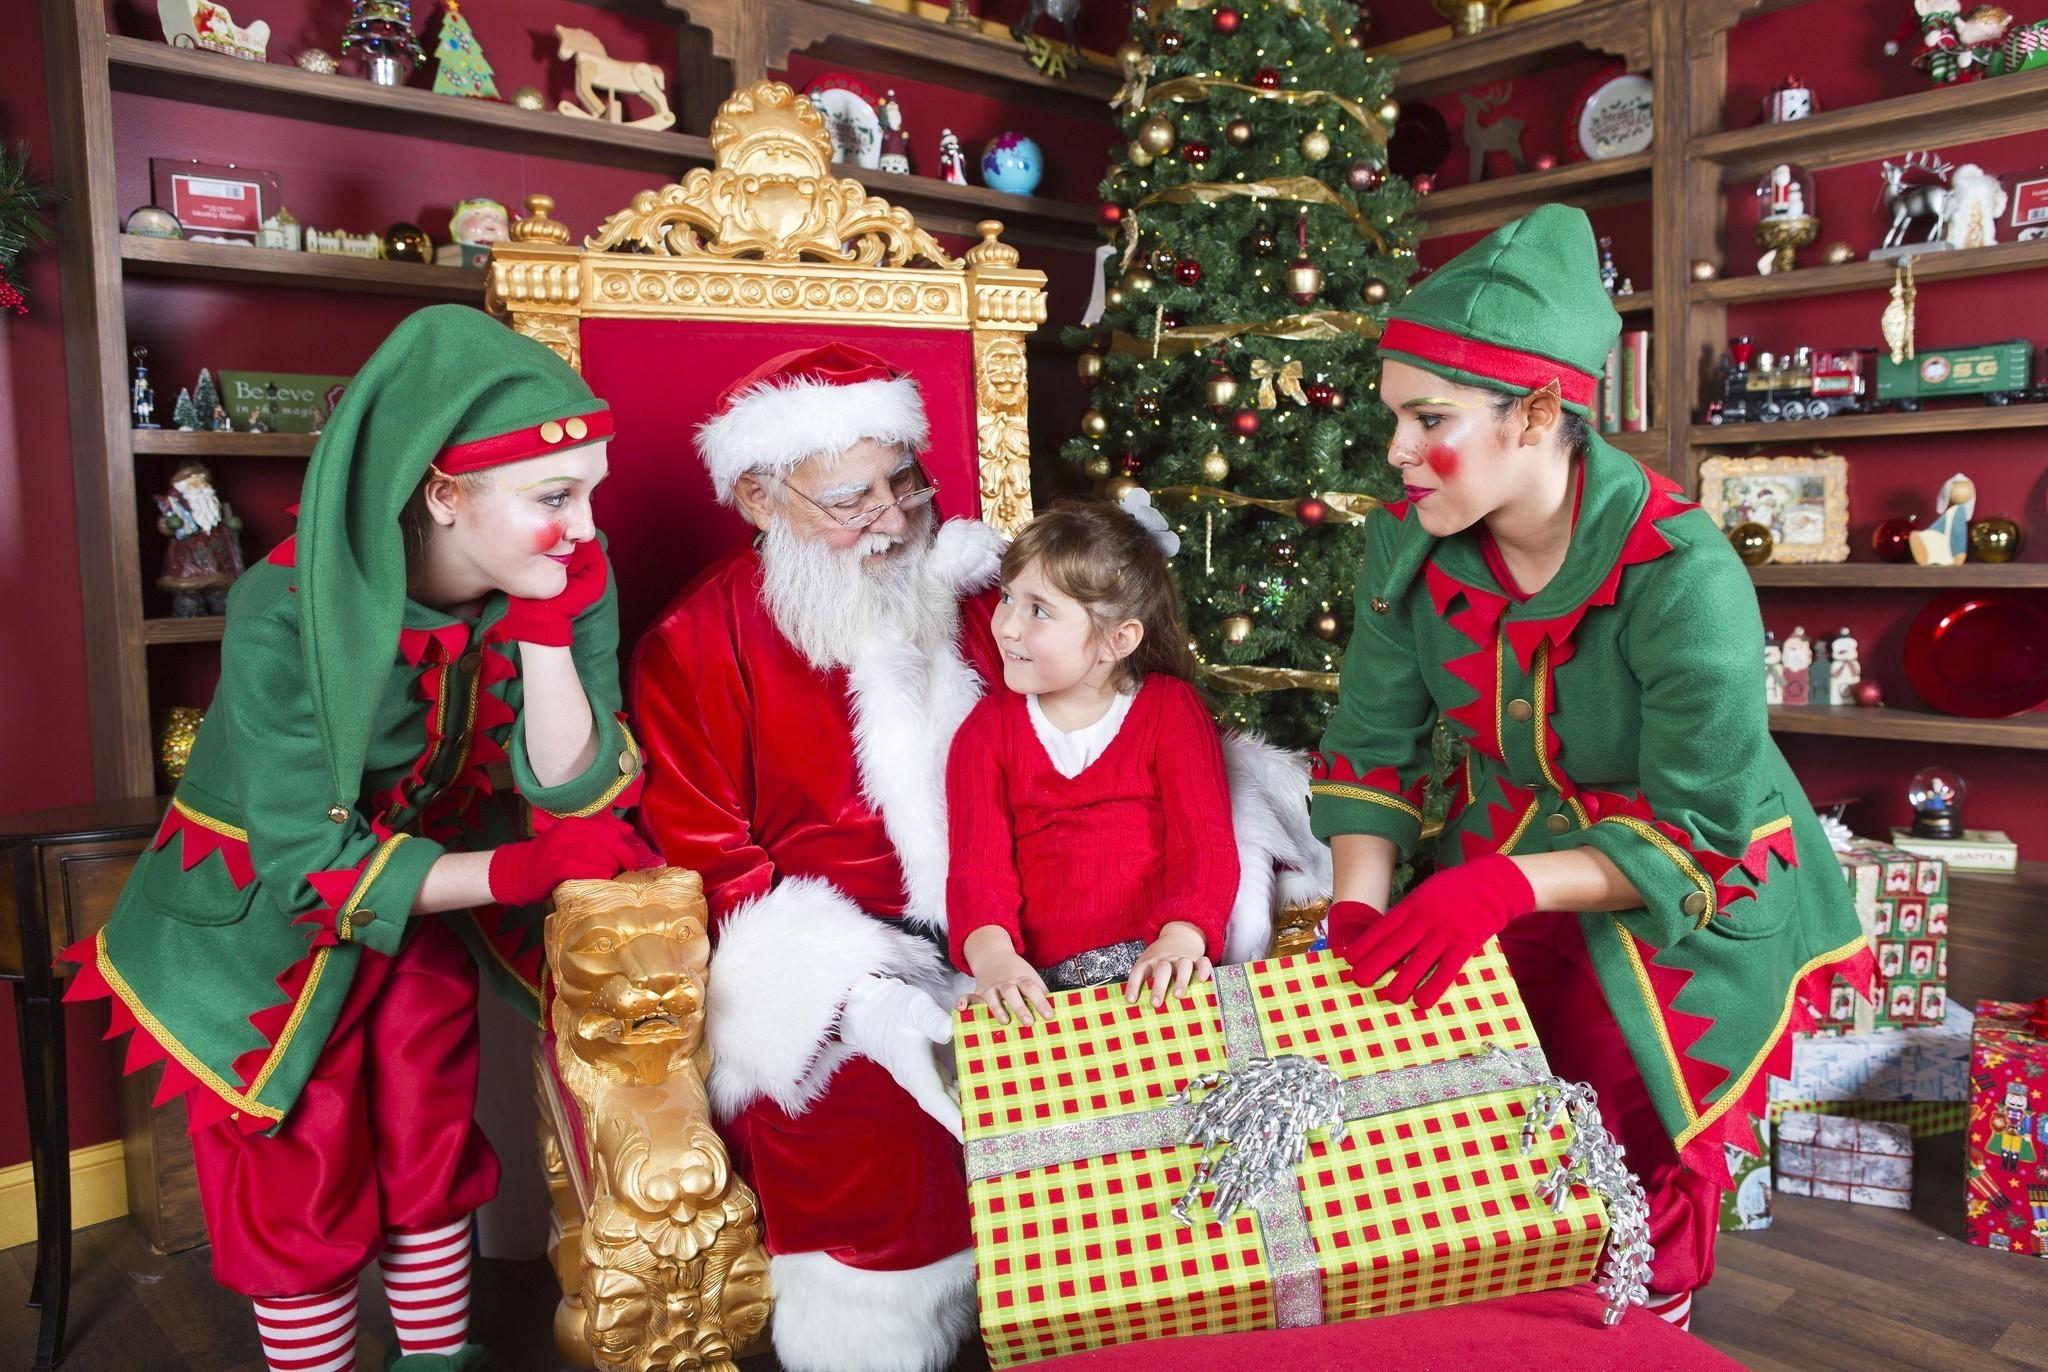 Christmas town kicks off at busch gardens tampa orlando - Busch gardens christmas town prices ...